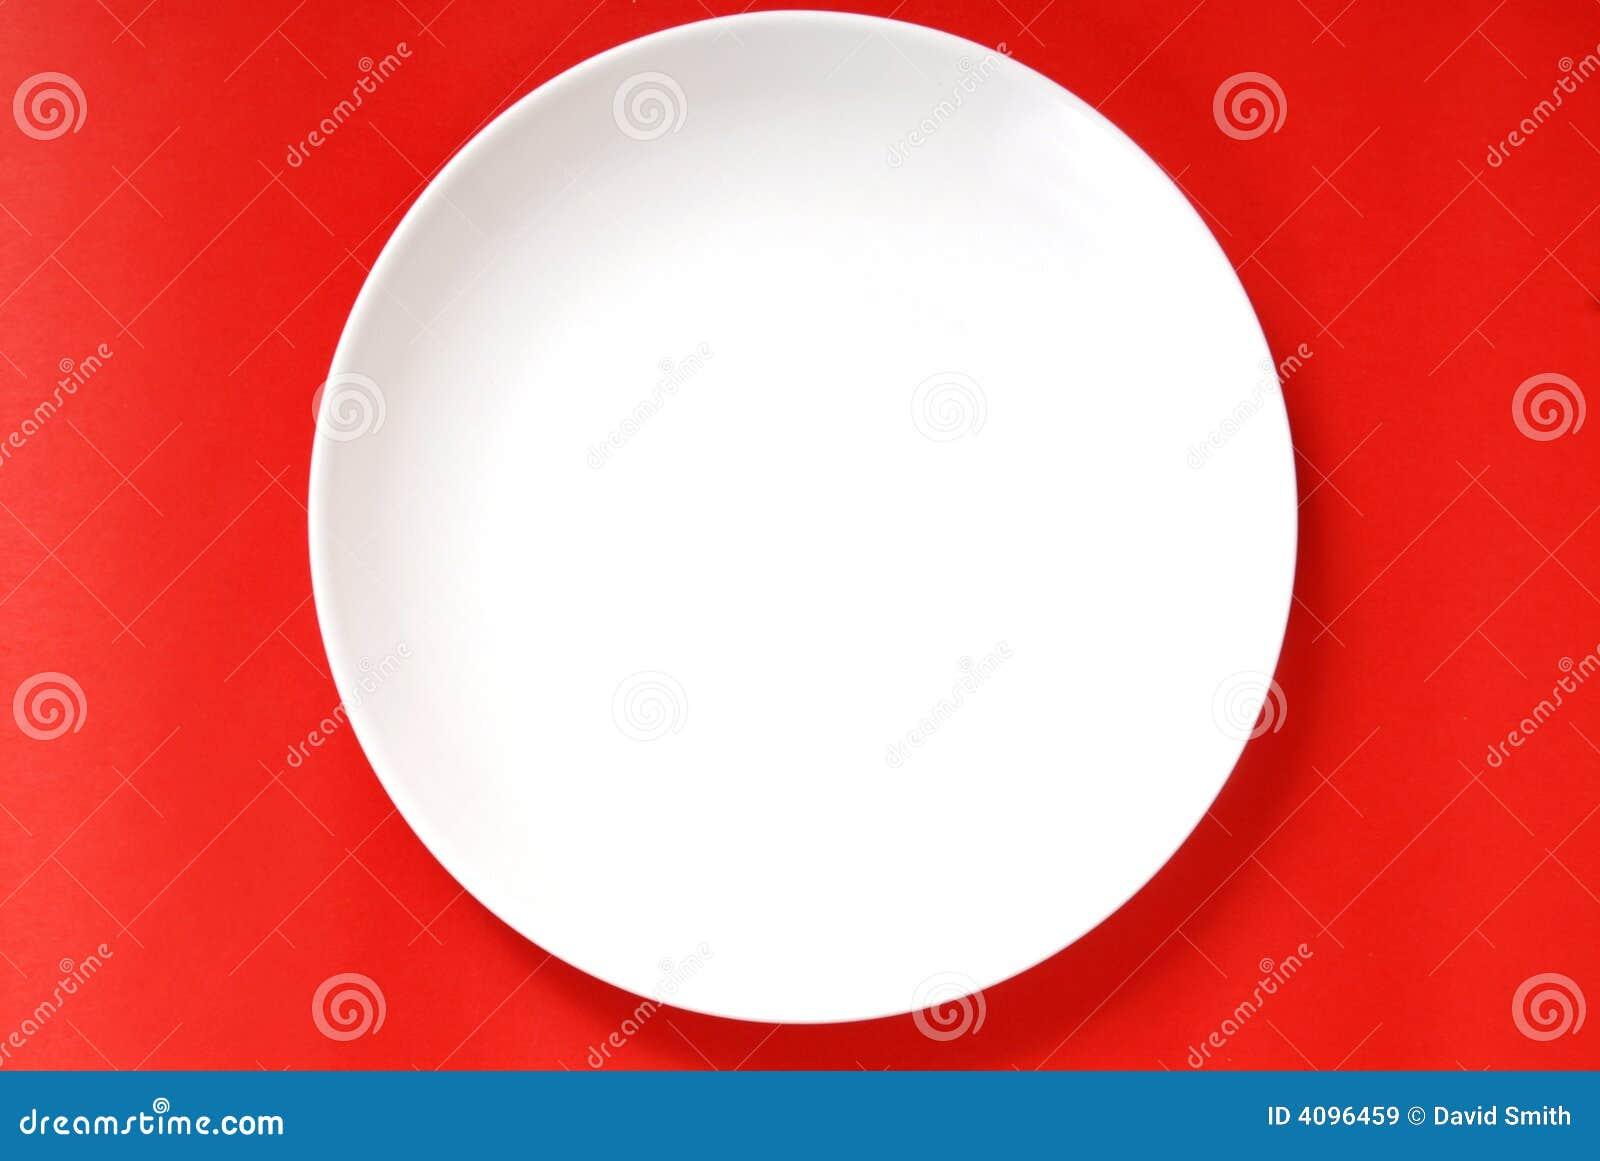 Eenvoudige witte plaat op een rode achtergrond